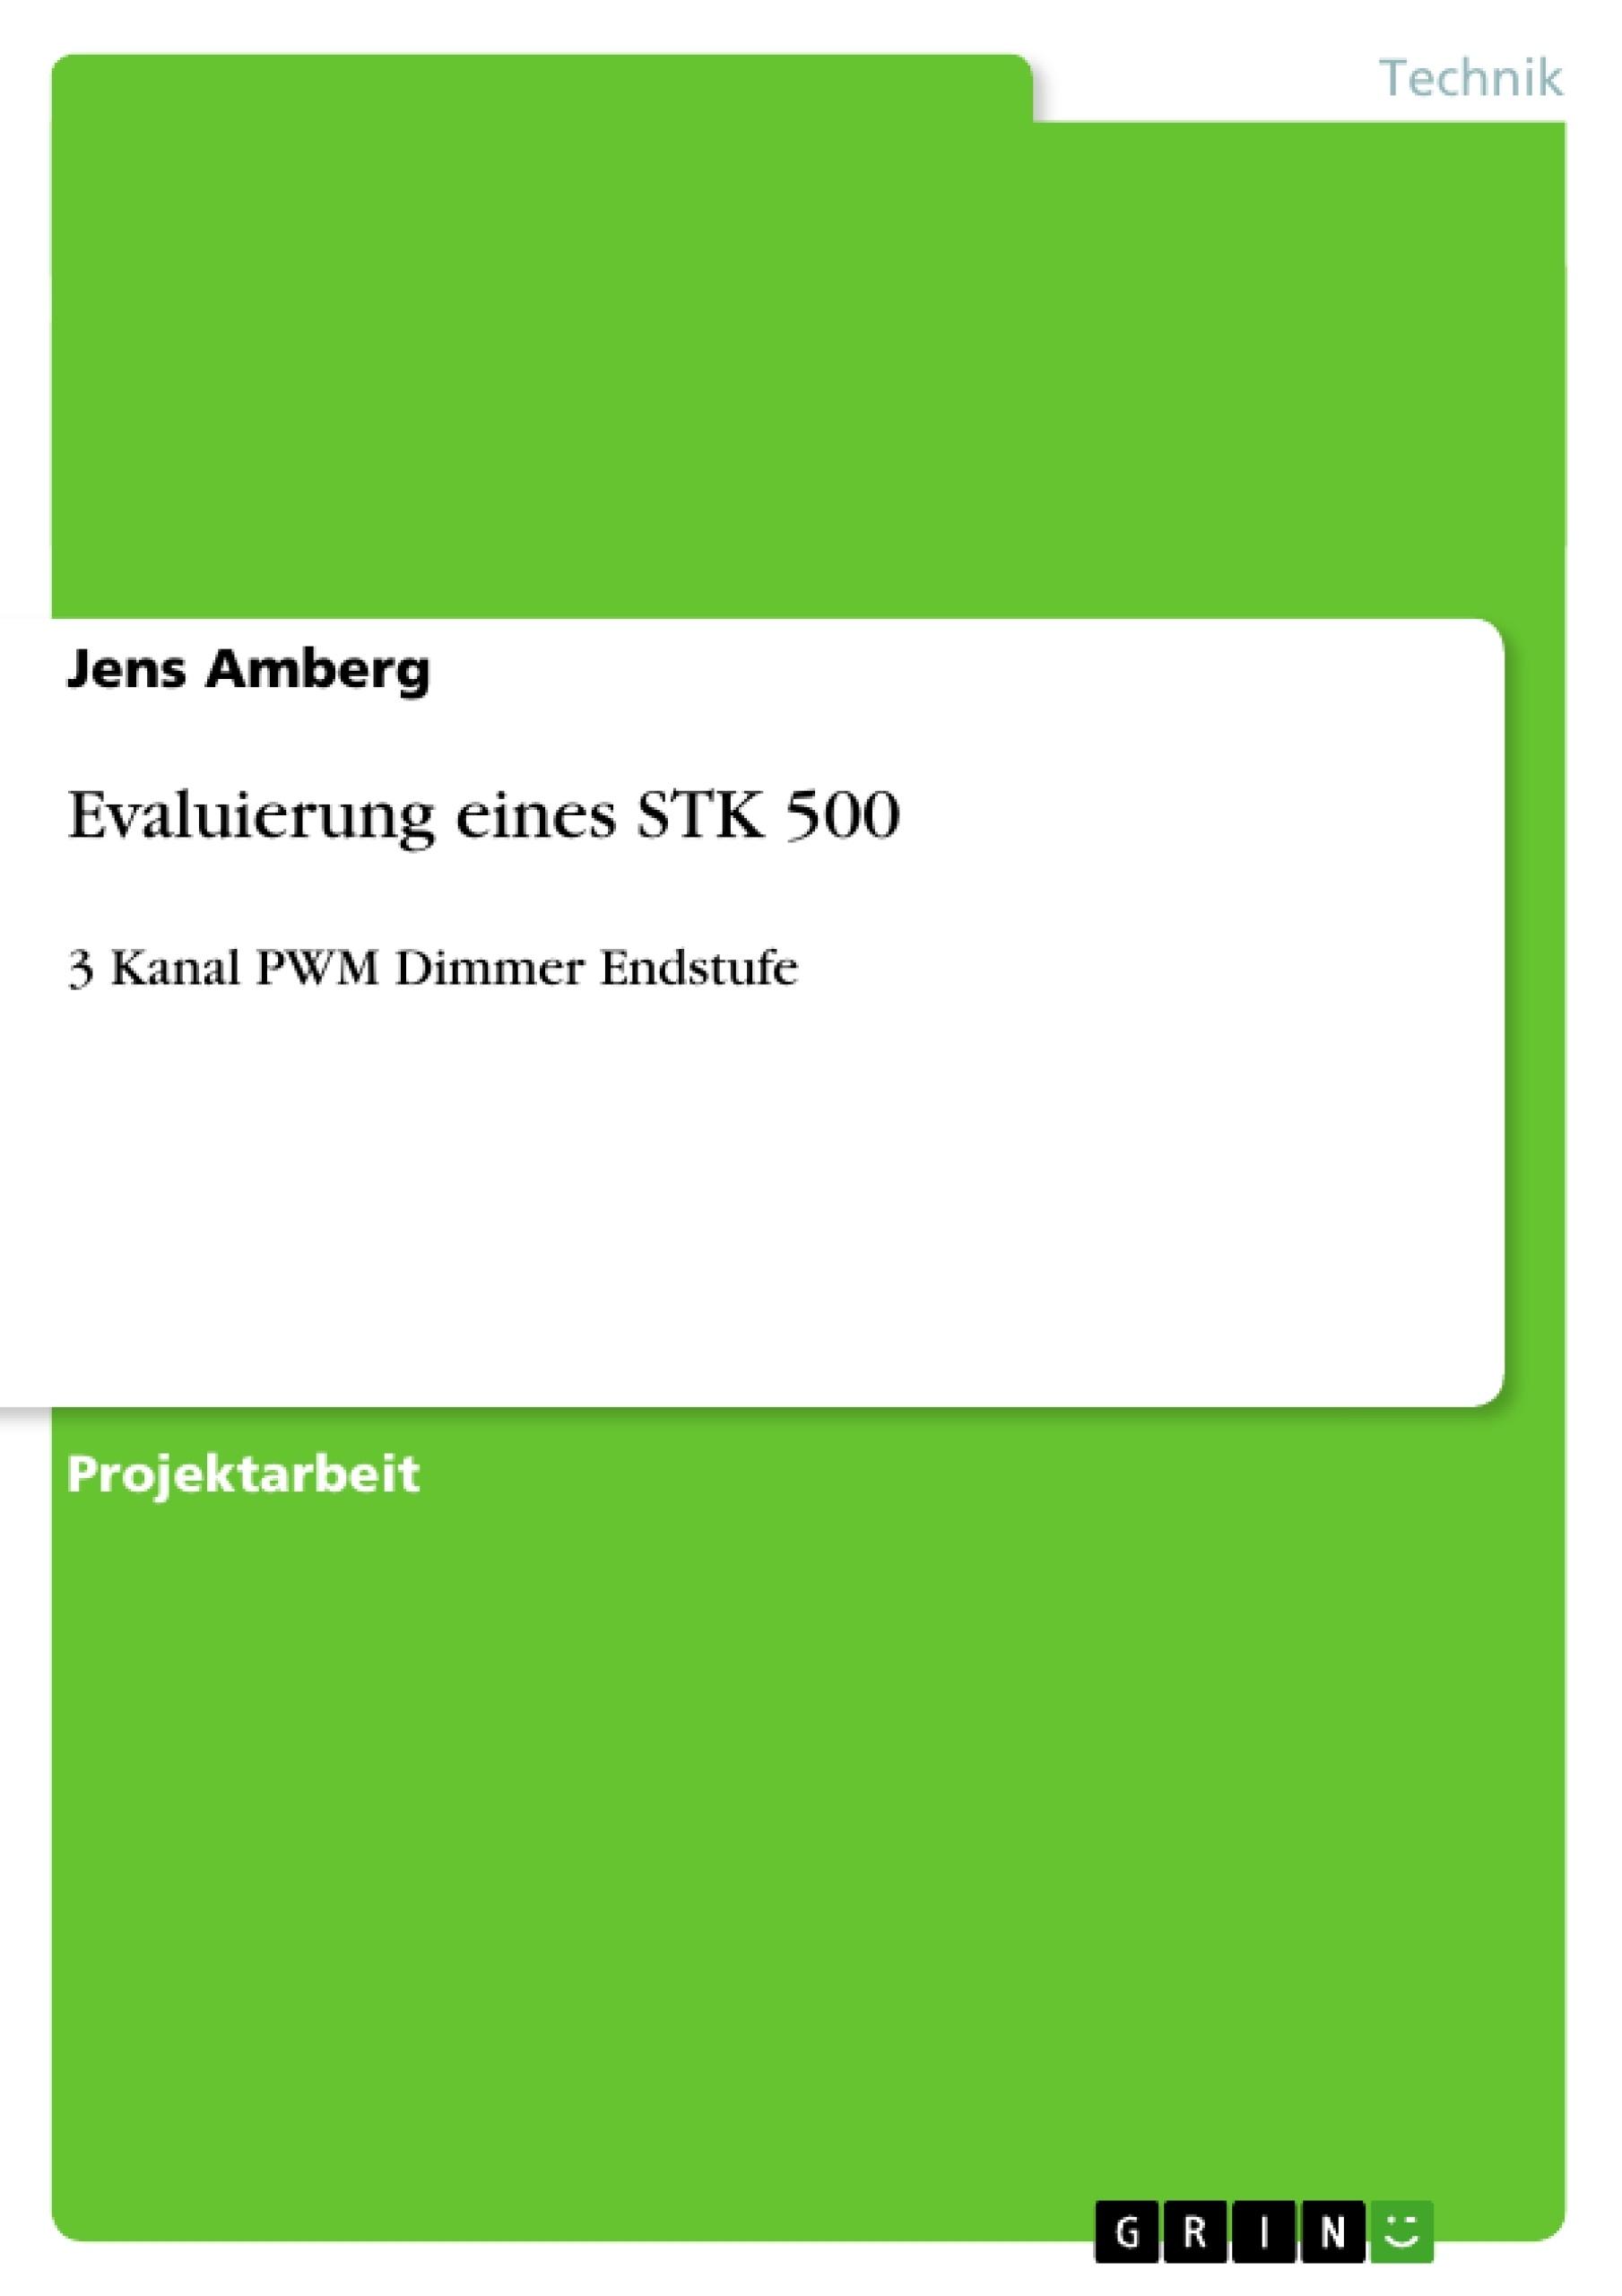 Titel: Evaluierung eines STK 500